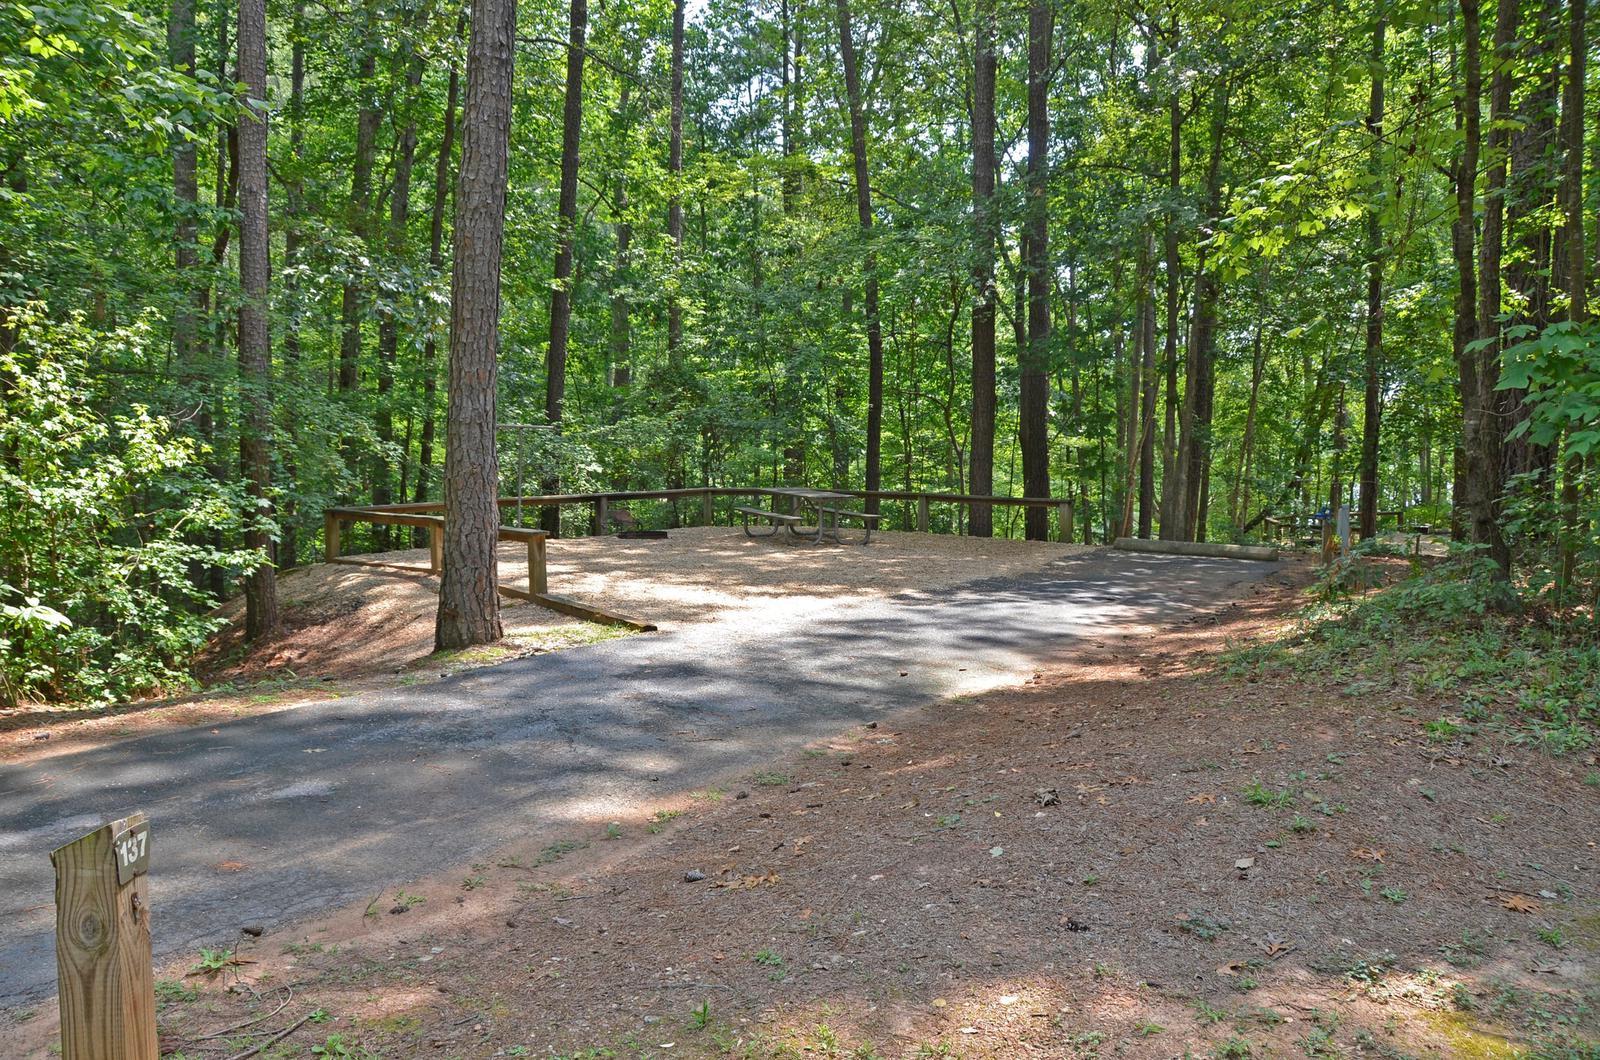 McKinney Campground Site 137